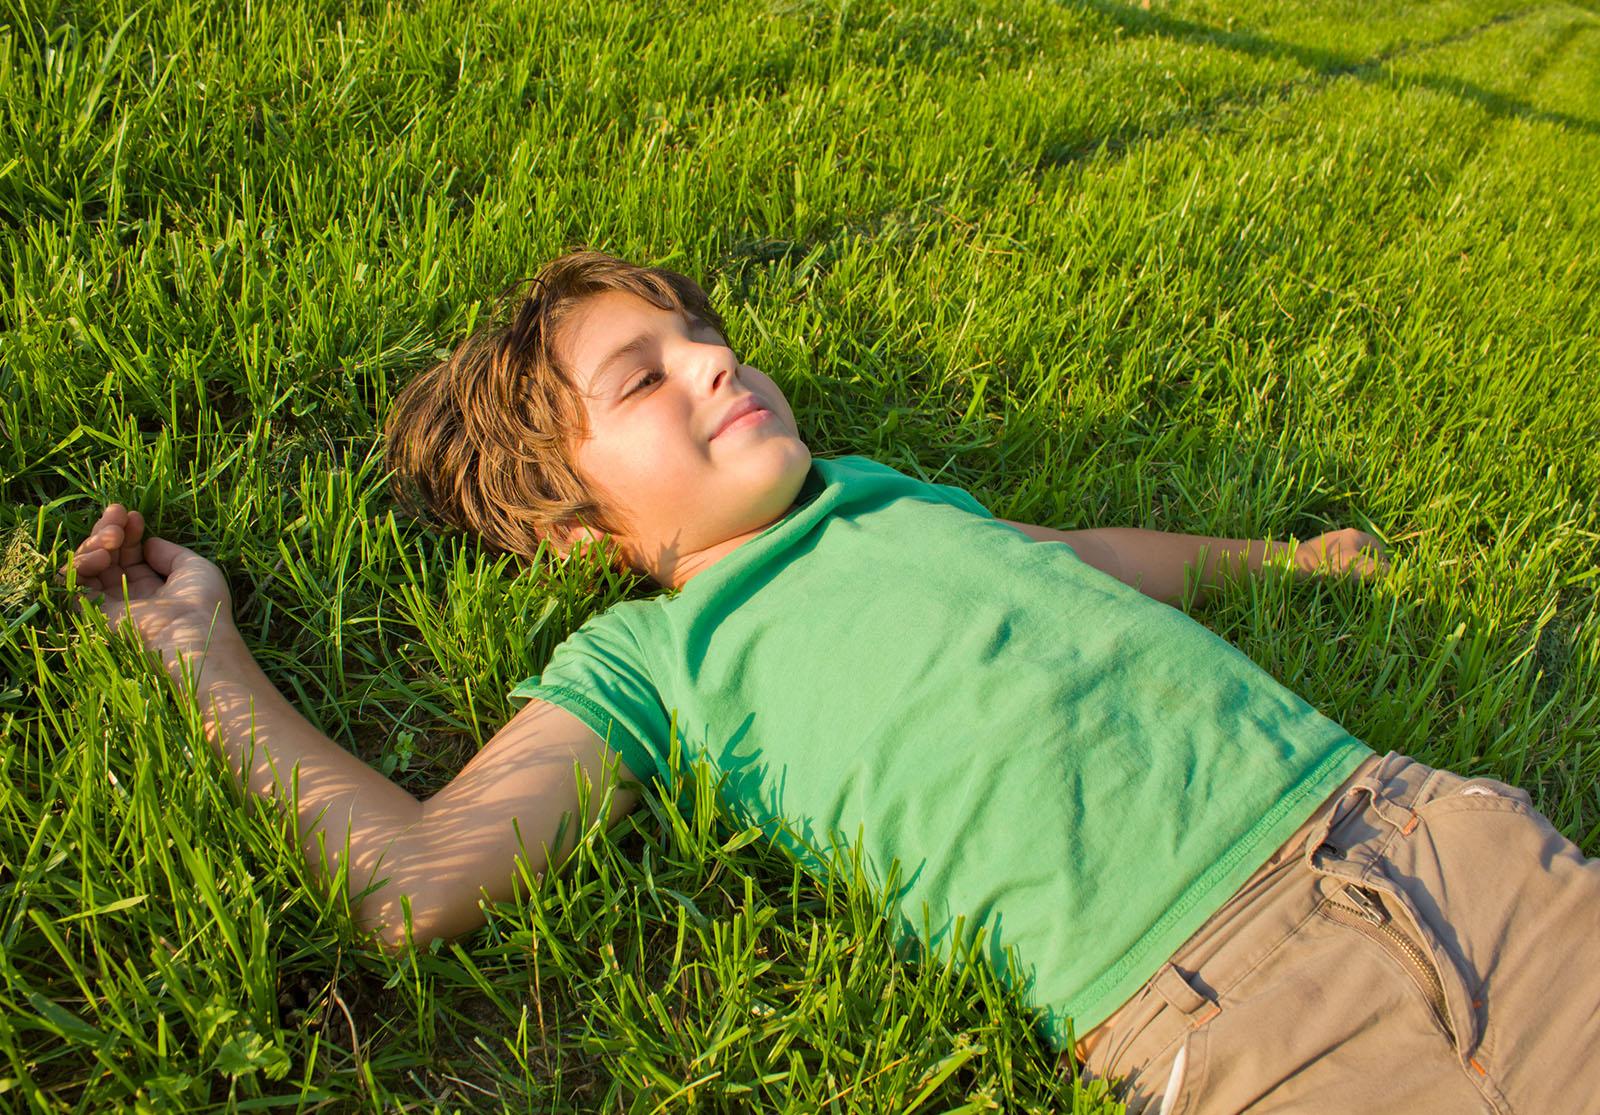 Apprendre des techniques simples de relaxation constitue un atout pour les enfants […]